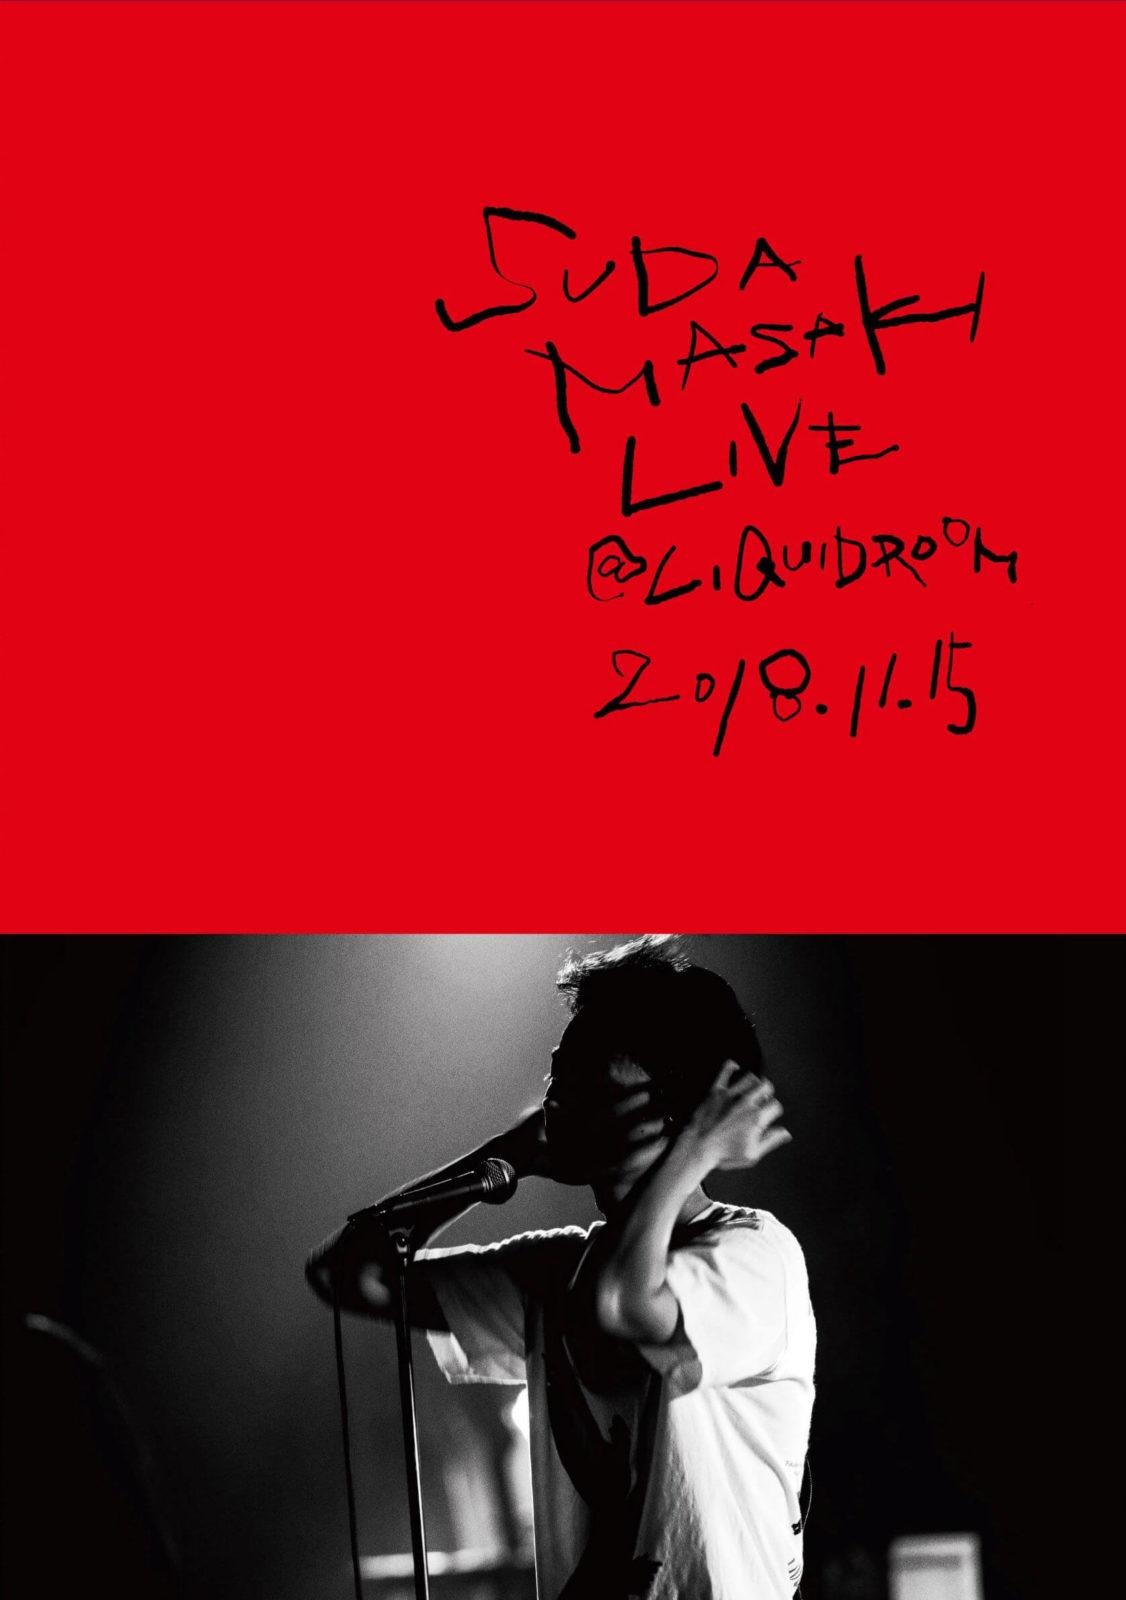 菅田将暉、初のライブ映像作品発売を記念して東京と大阪でライブ写真パネルを展示サムネイル画像